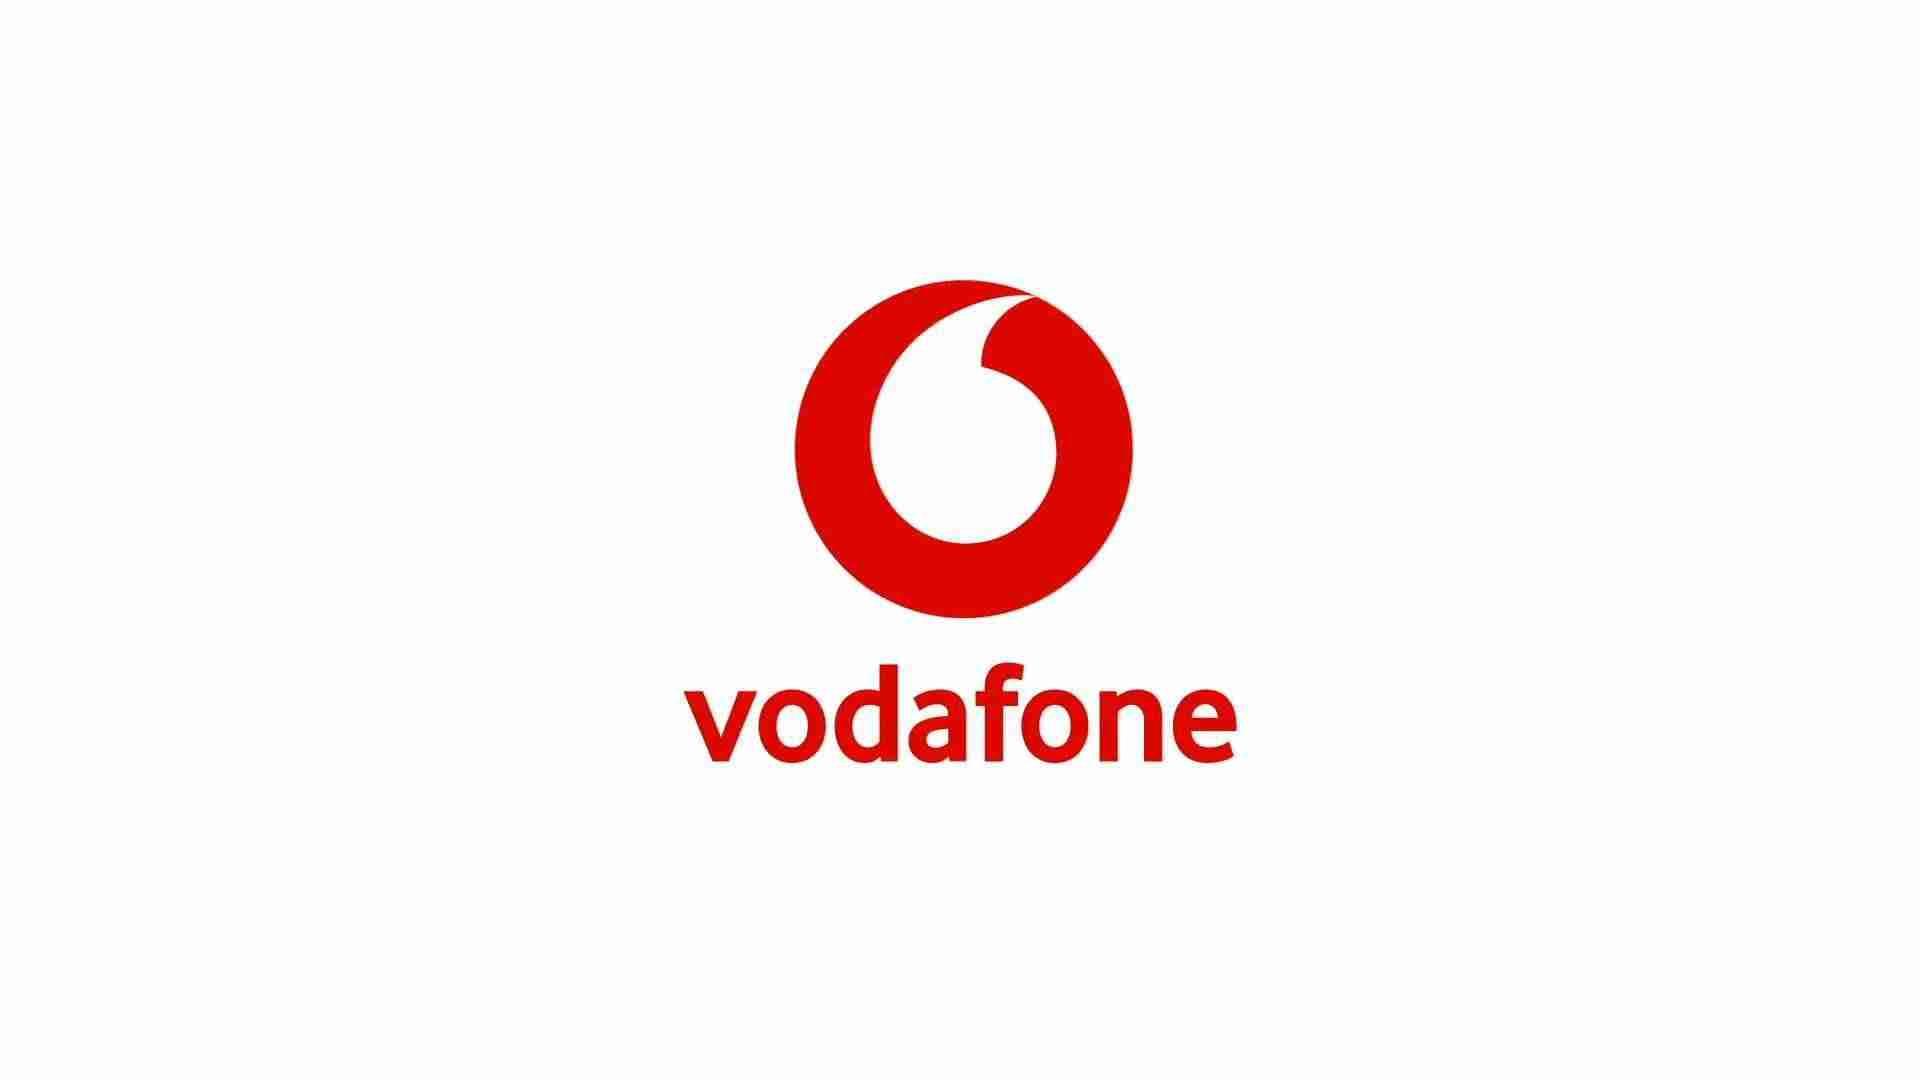 Avviso di chiamata Vodafone: come attivarlo e disattivarlo